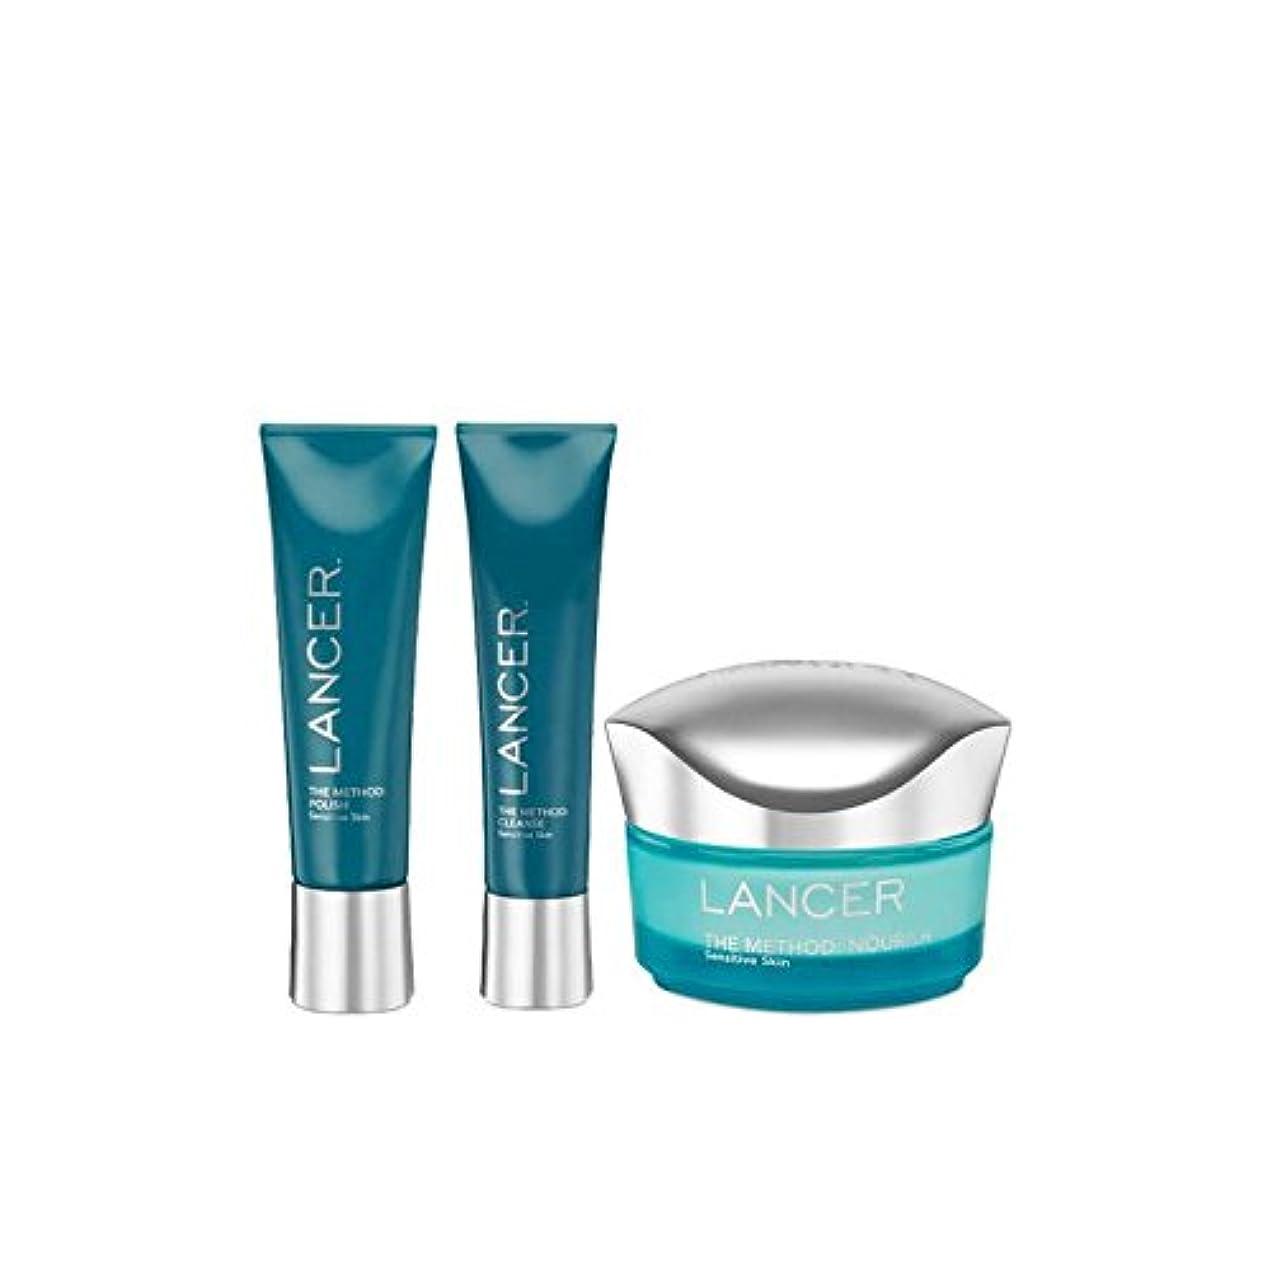 ズボンちらつき精神的にLancer Skincare The Lancer Method Sensitive - ランサーランサー方法が敏感スキンケア [並行輸入品]